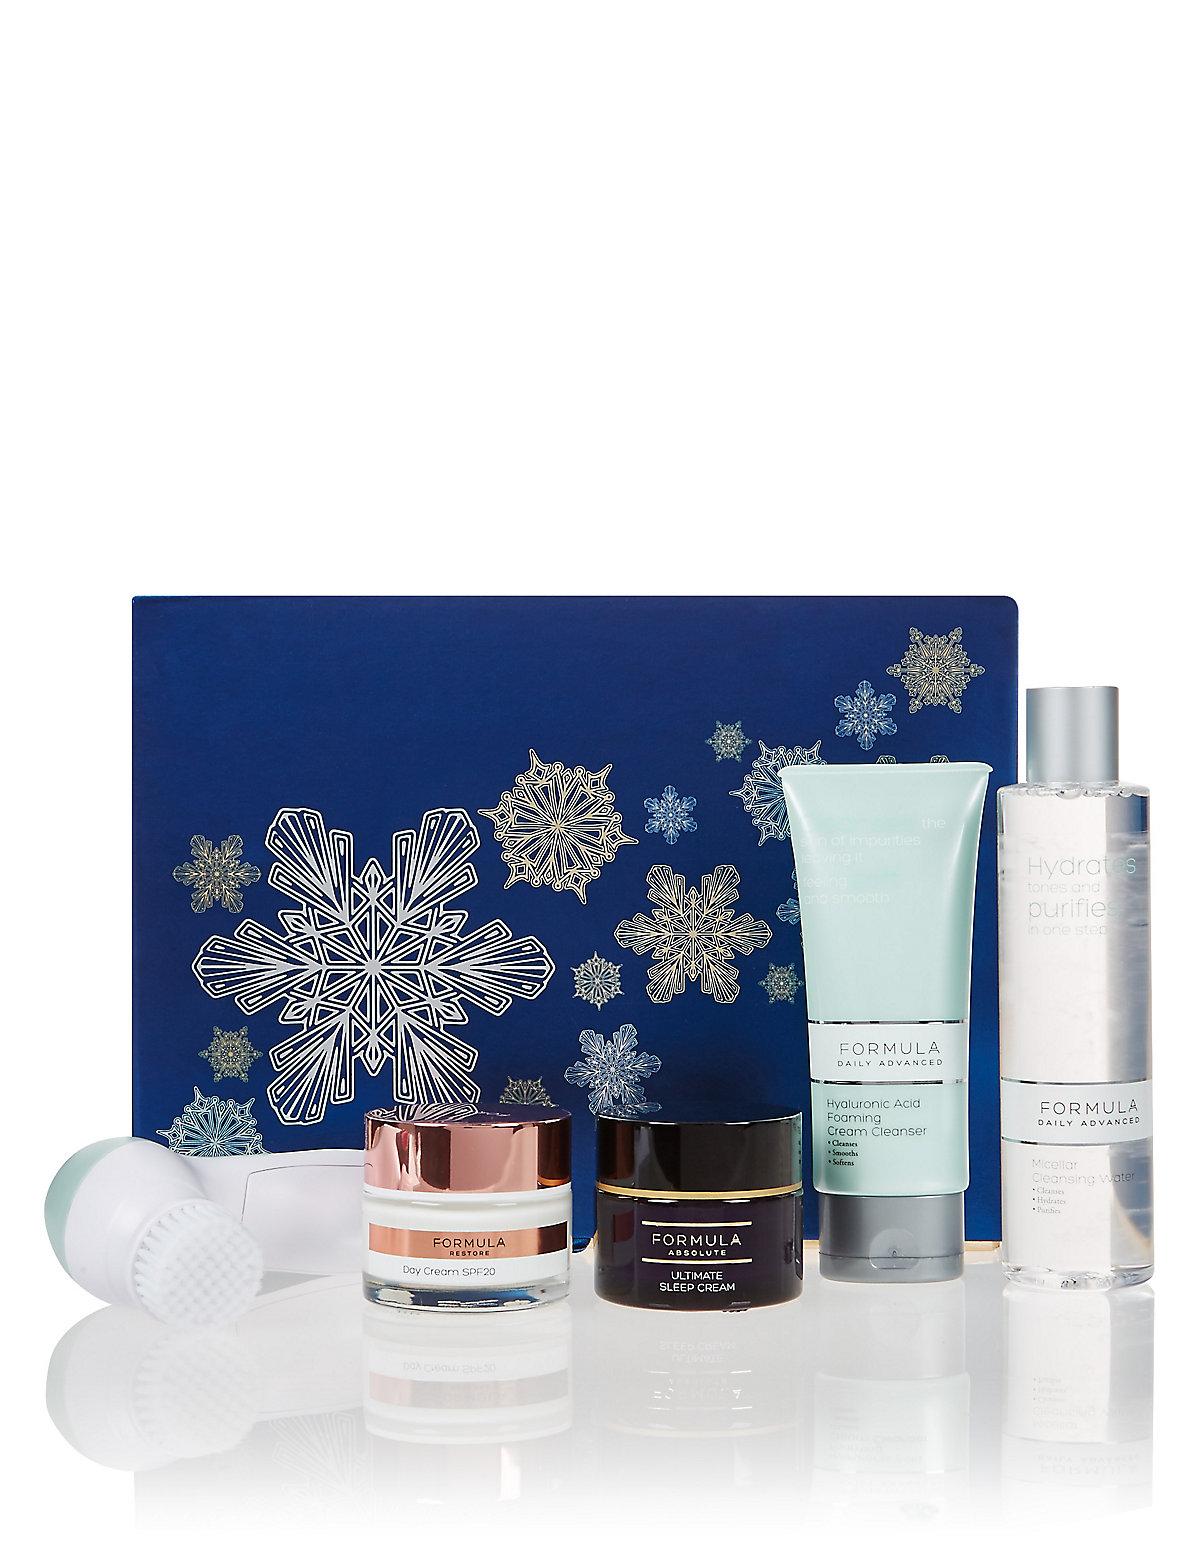 Formula Advanced Formula Ultimate Skincare Gift